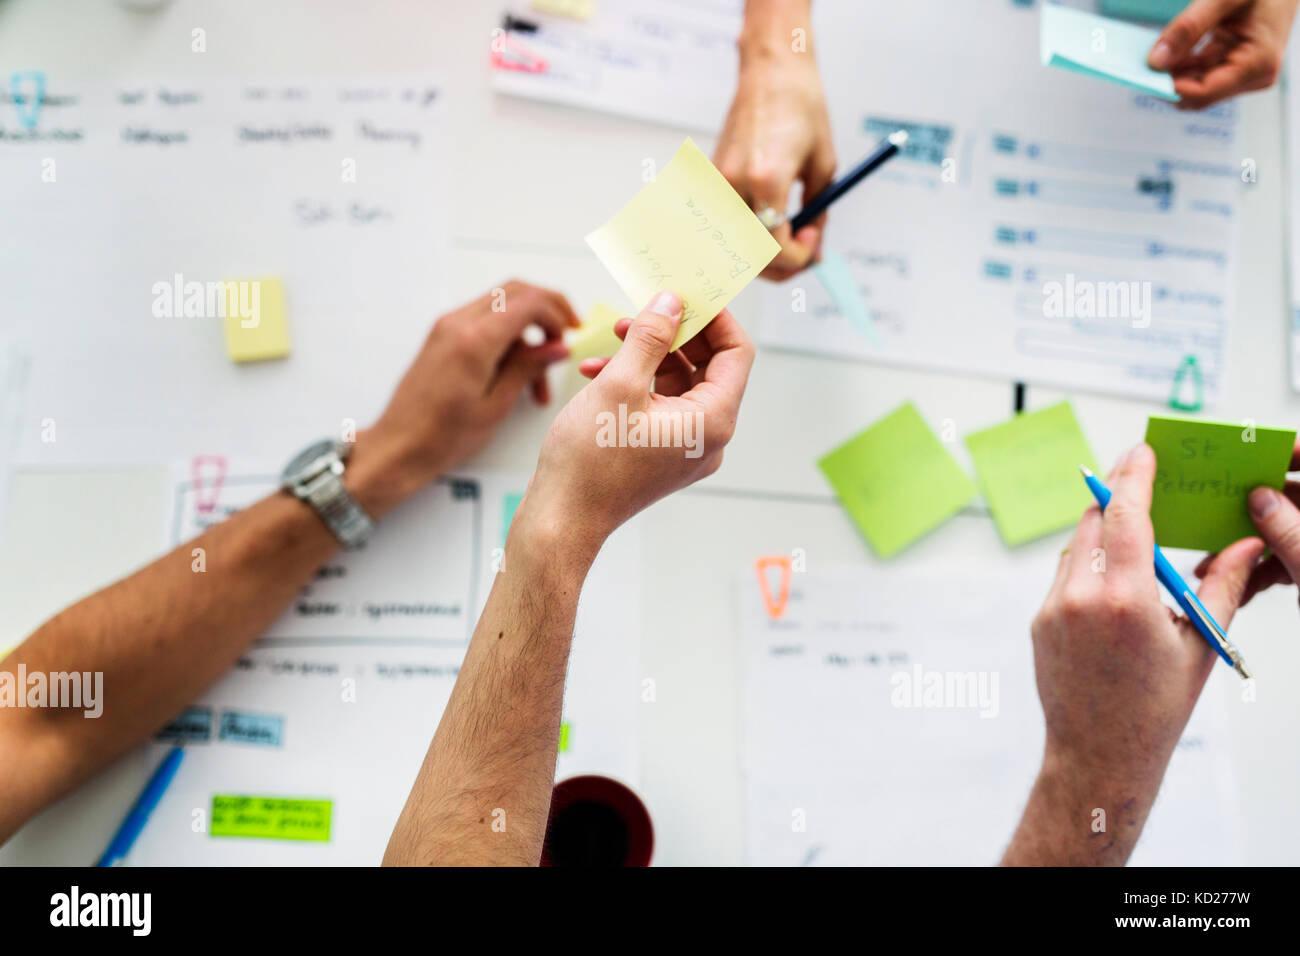 Compañeros mediante notas adhesivas durante la reunión de negocios Imagen De Stock